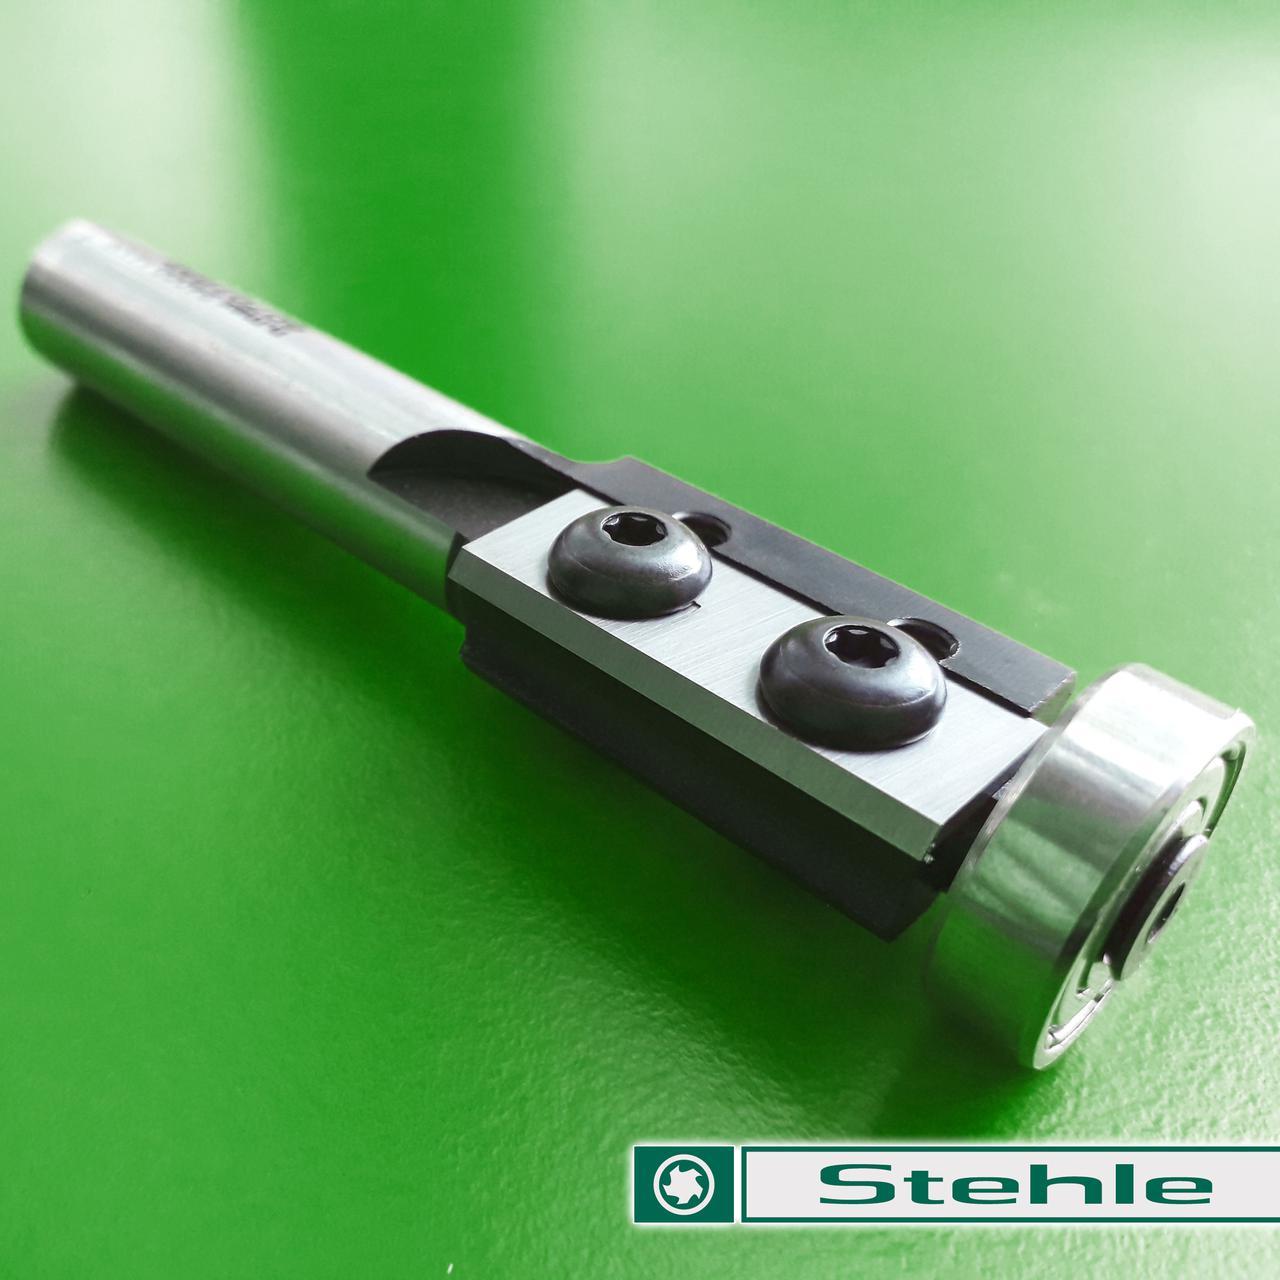 Концевая фреза Stehle для ручного фрезера для обработки кромки со сменными ножами и нижним подшипником